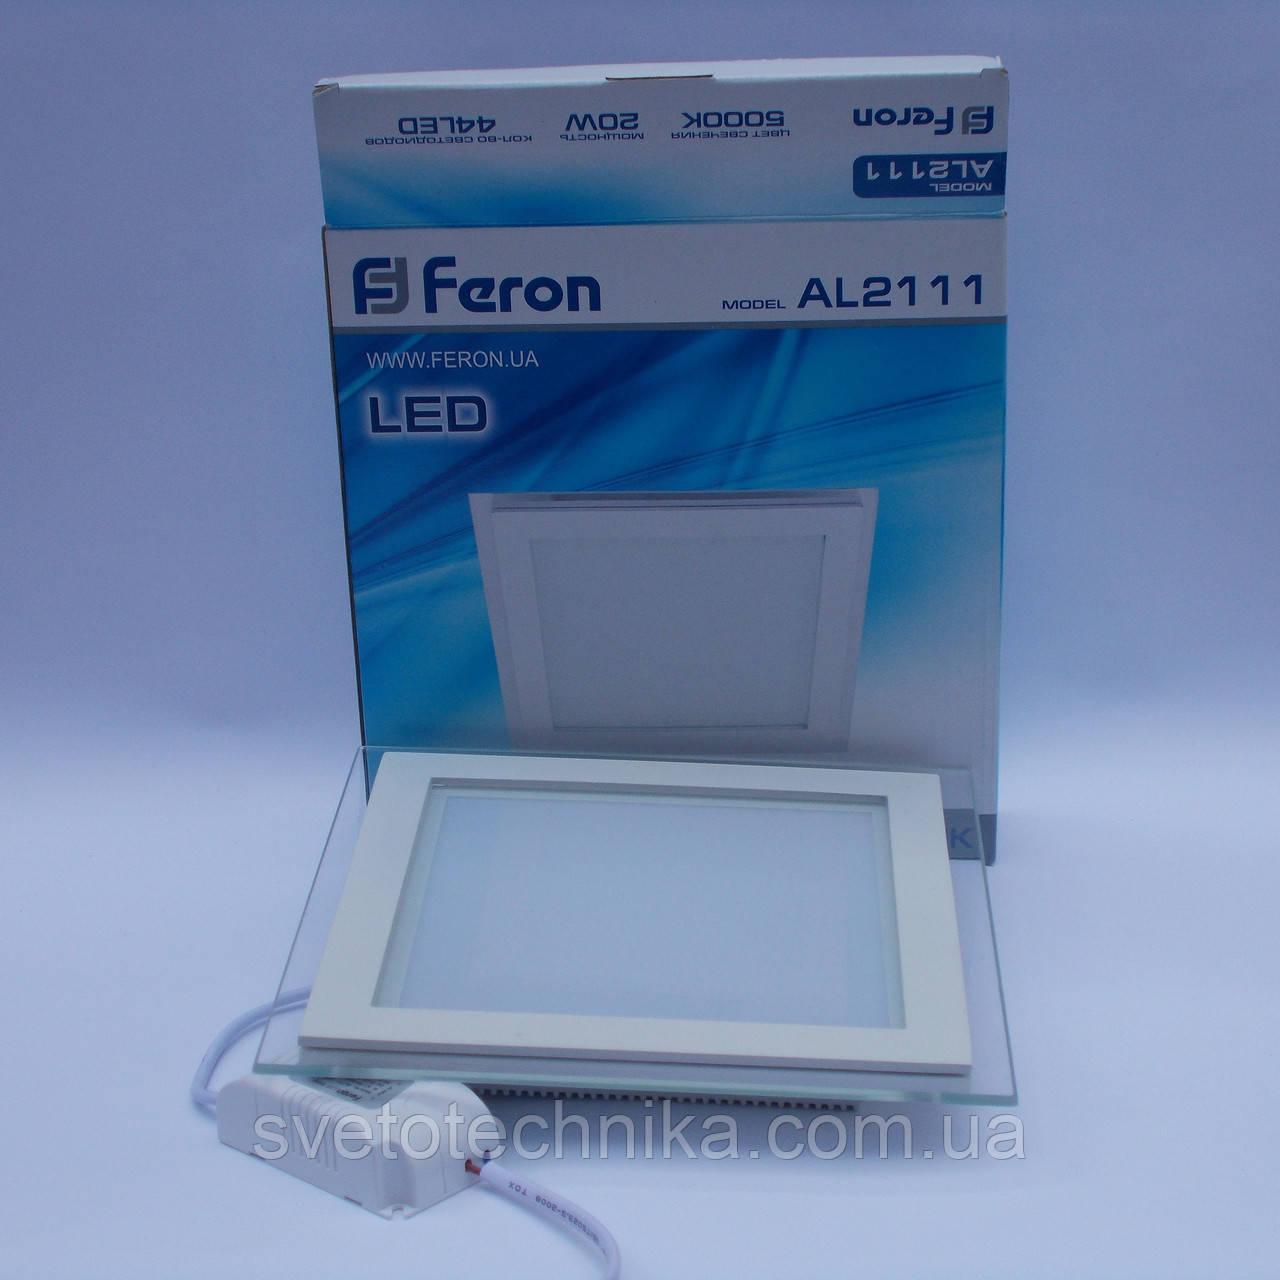 Светодиодная панель Feron AL2111 20W 5000K